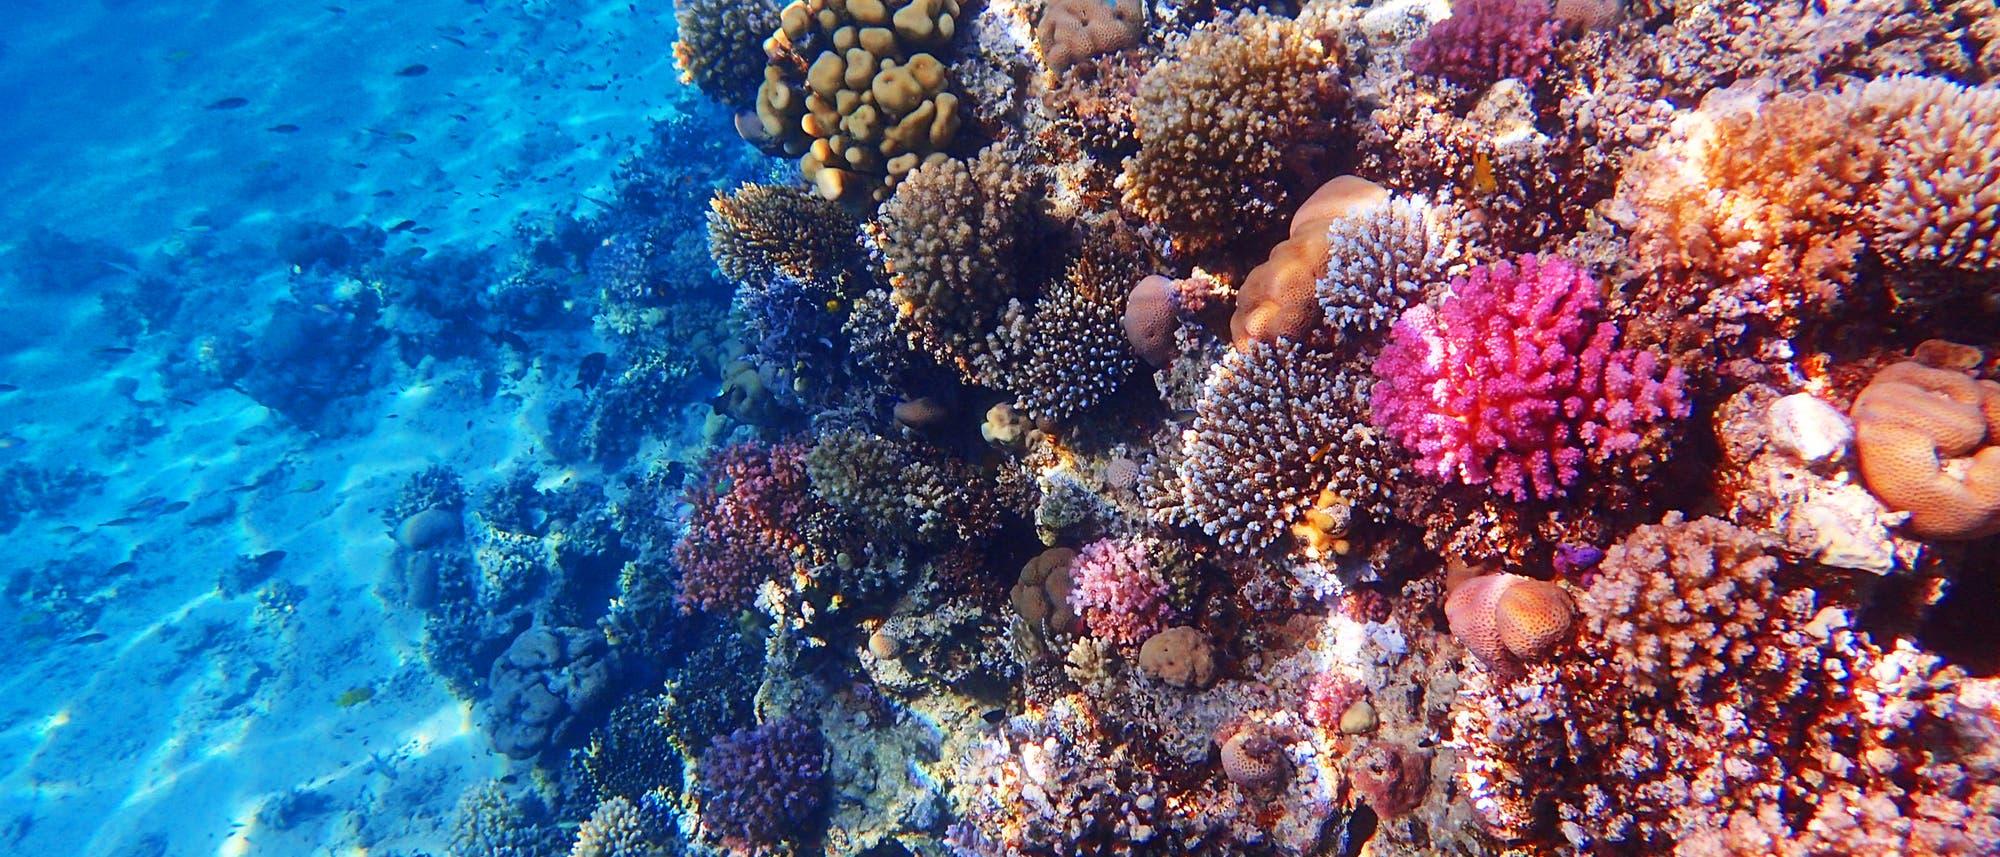 Bedrohte Unterwasserwelt: Korallen im Roten Meer